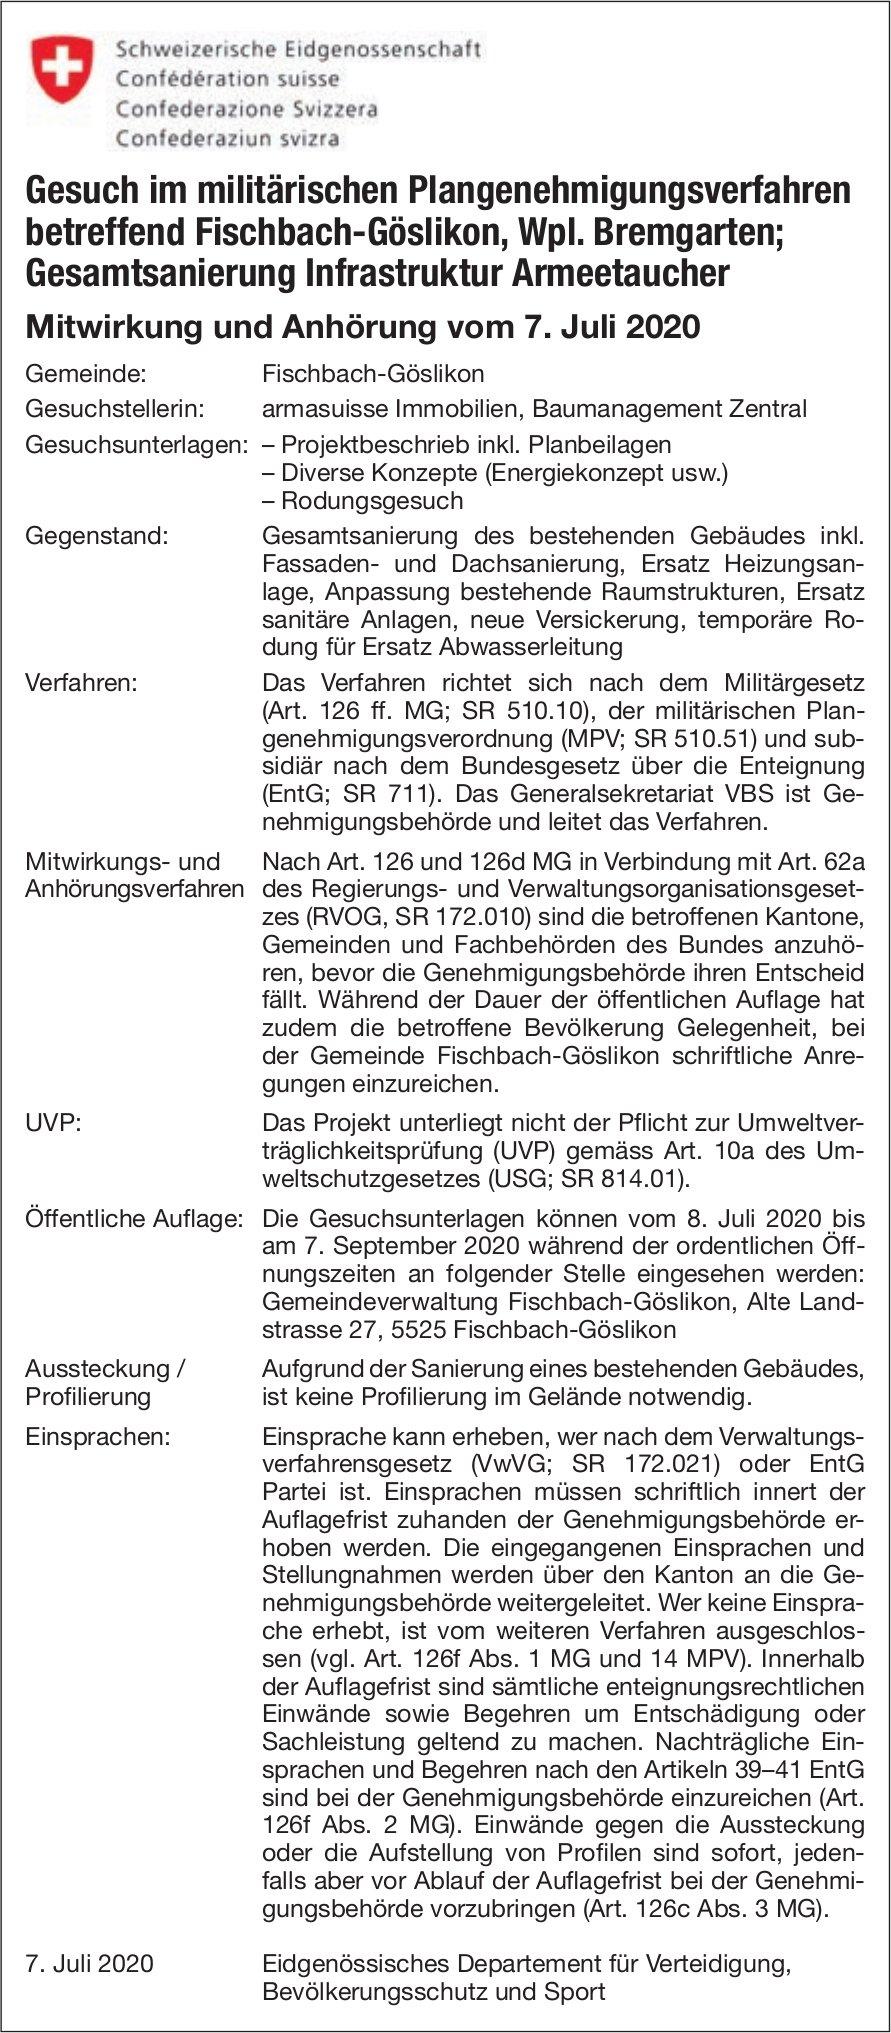 Gesuch im militärischen Plangenehmigungsverfahren betreffend Fischbach-Göslikon, Wpl. Bremgarten